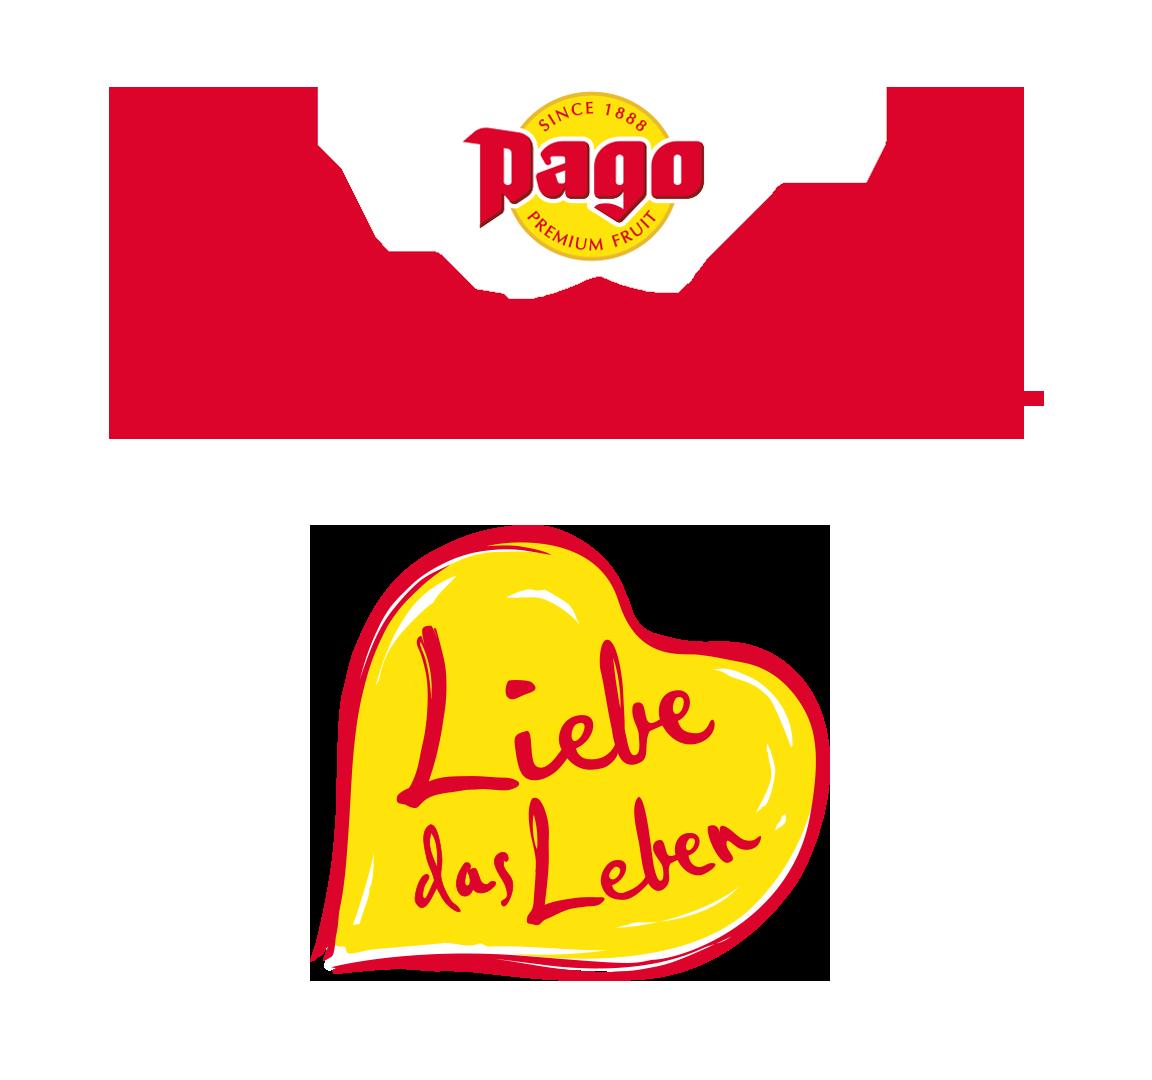 Pago Fruchtsaft Icon und Slogan Liebe das Leben